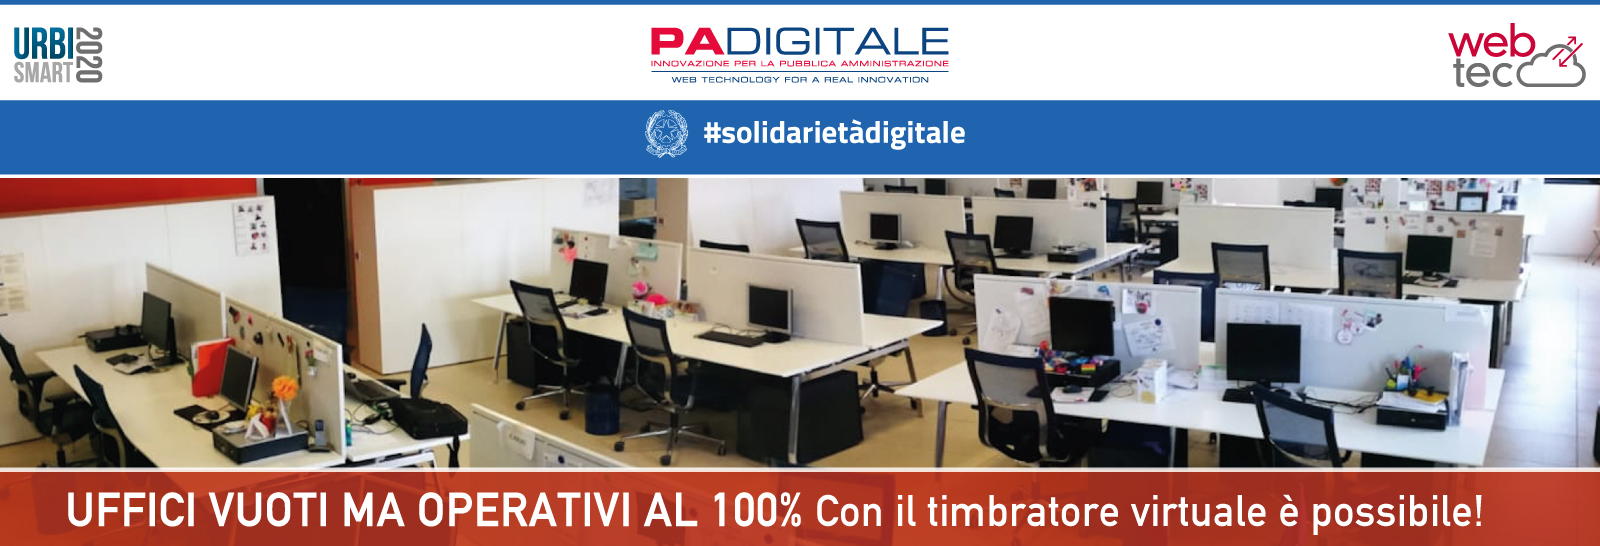 Solidarietà PA Digitale